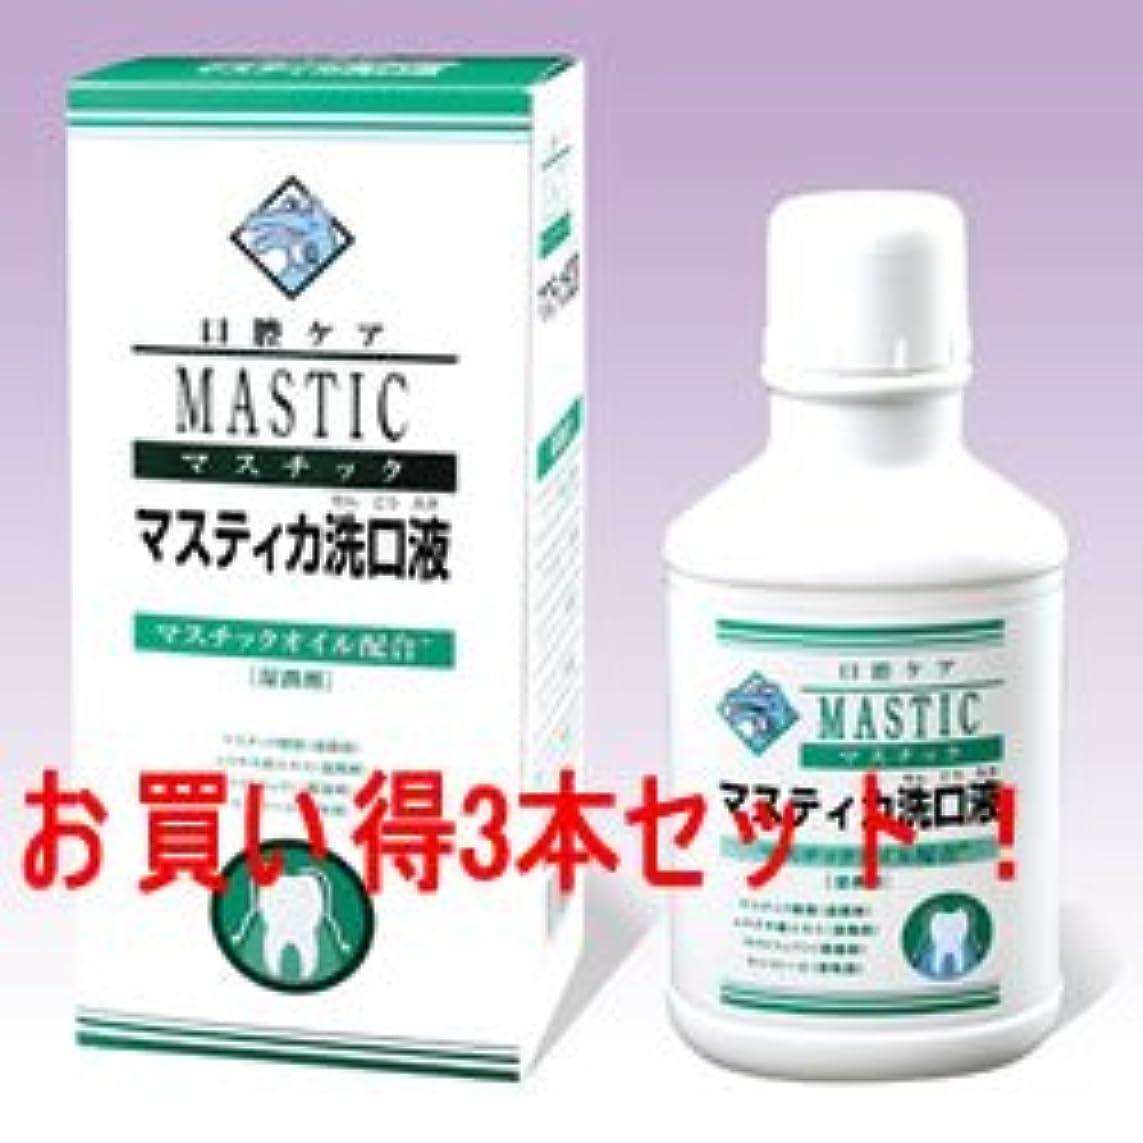 プログラムチェスためにマスチック マスティカ洗口液480ml(3本セット)